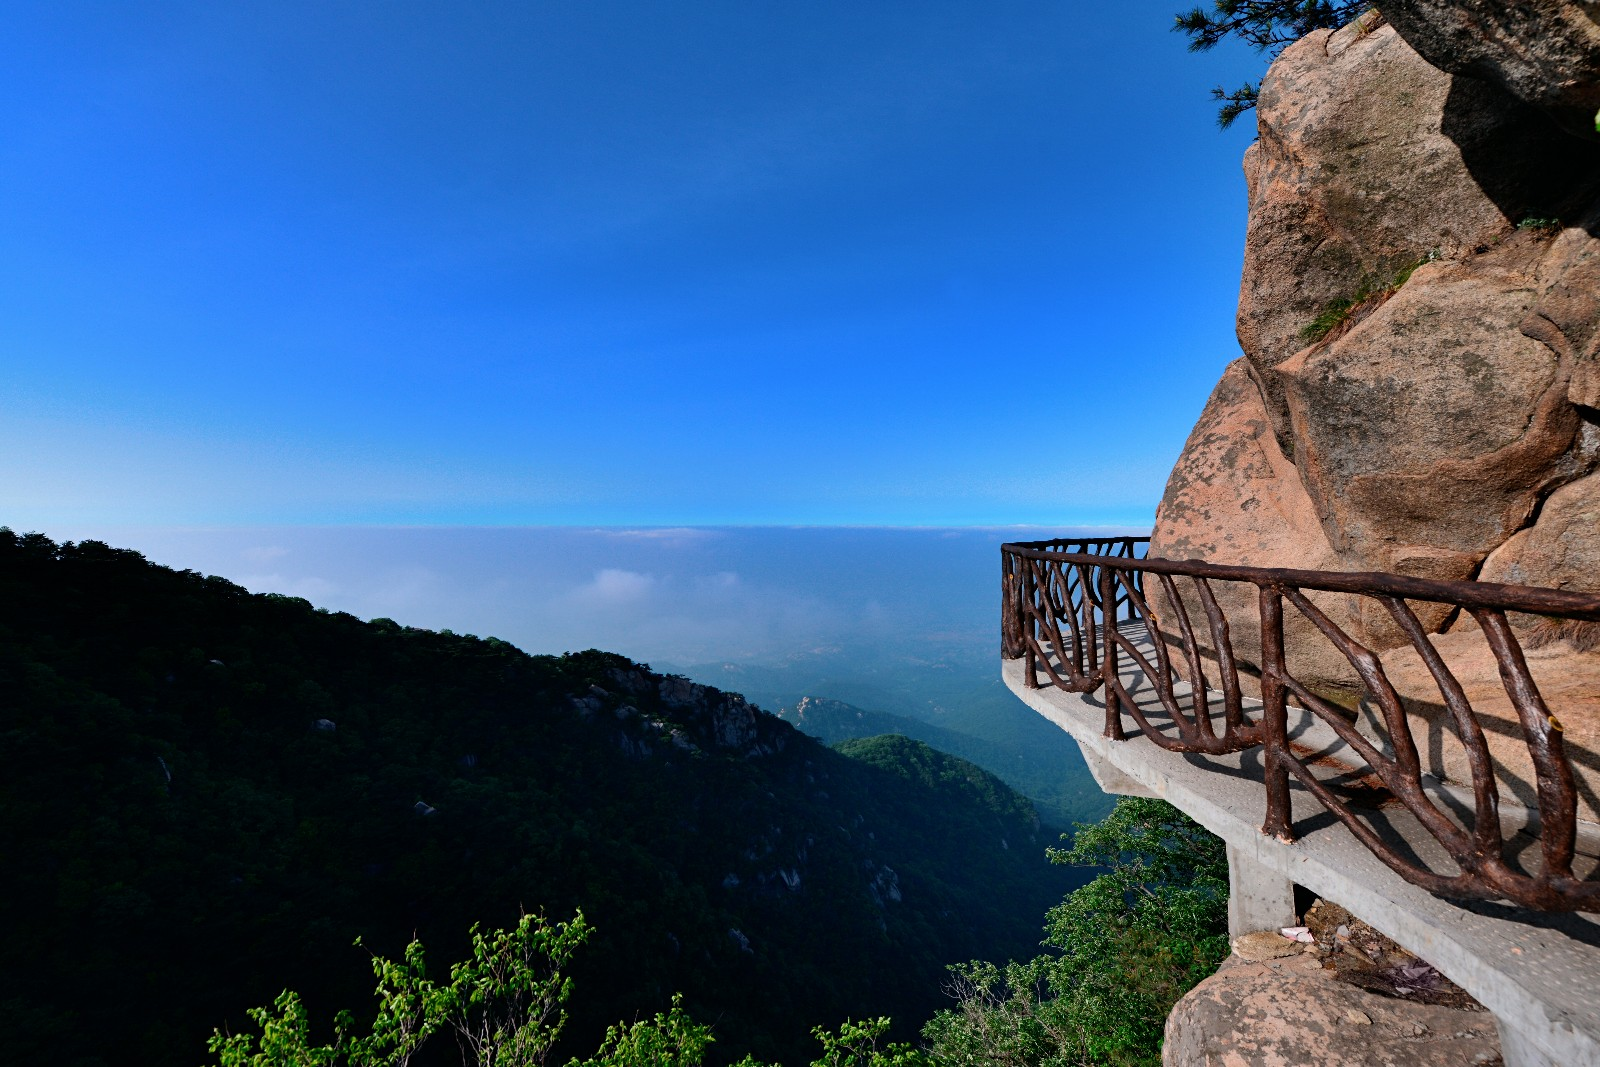 山东·临沂·龟蒙景区(蒙山国家森林公园)